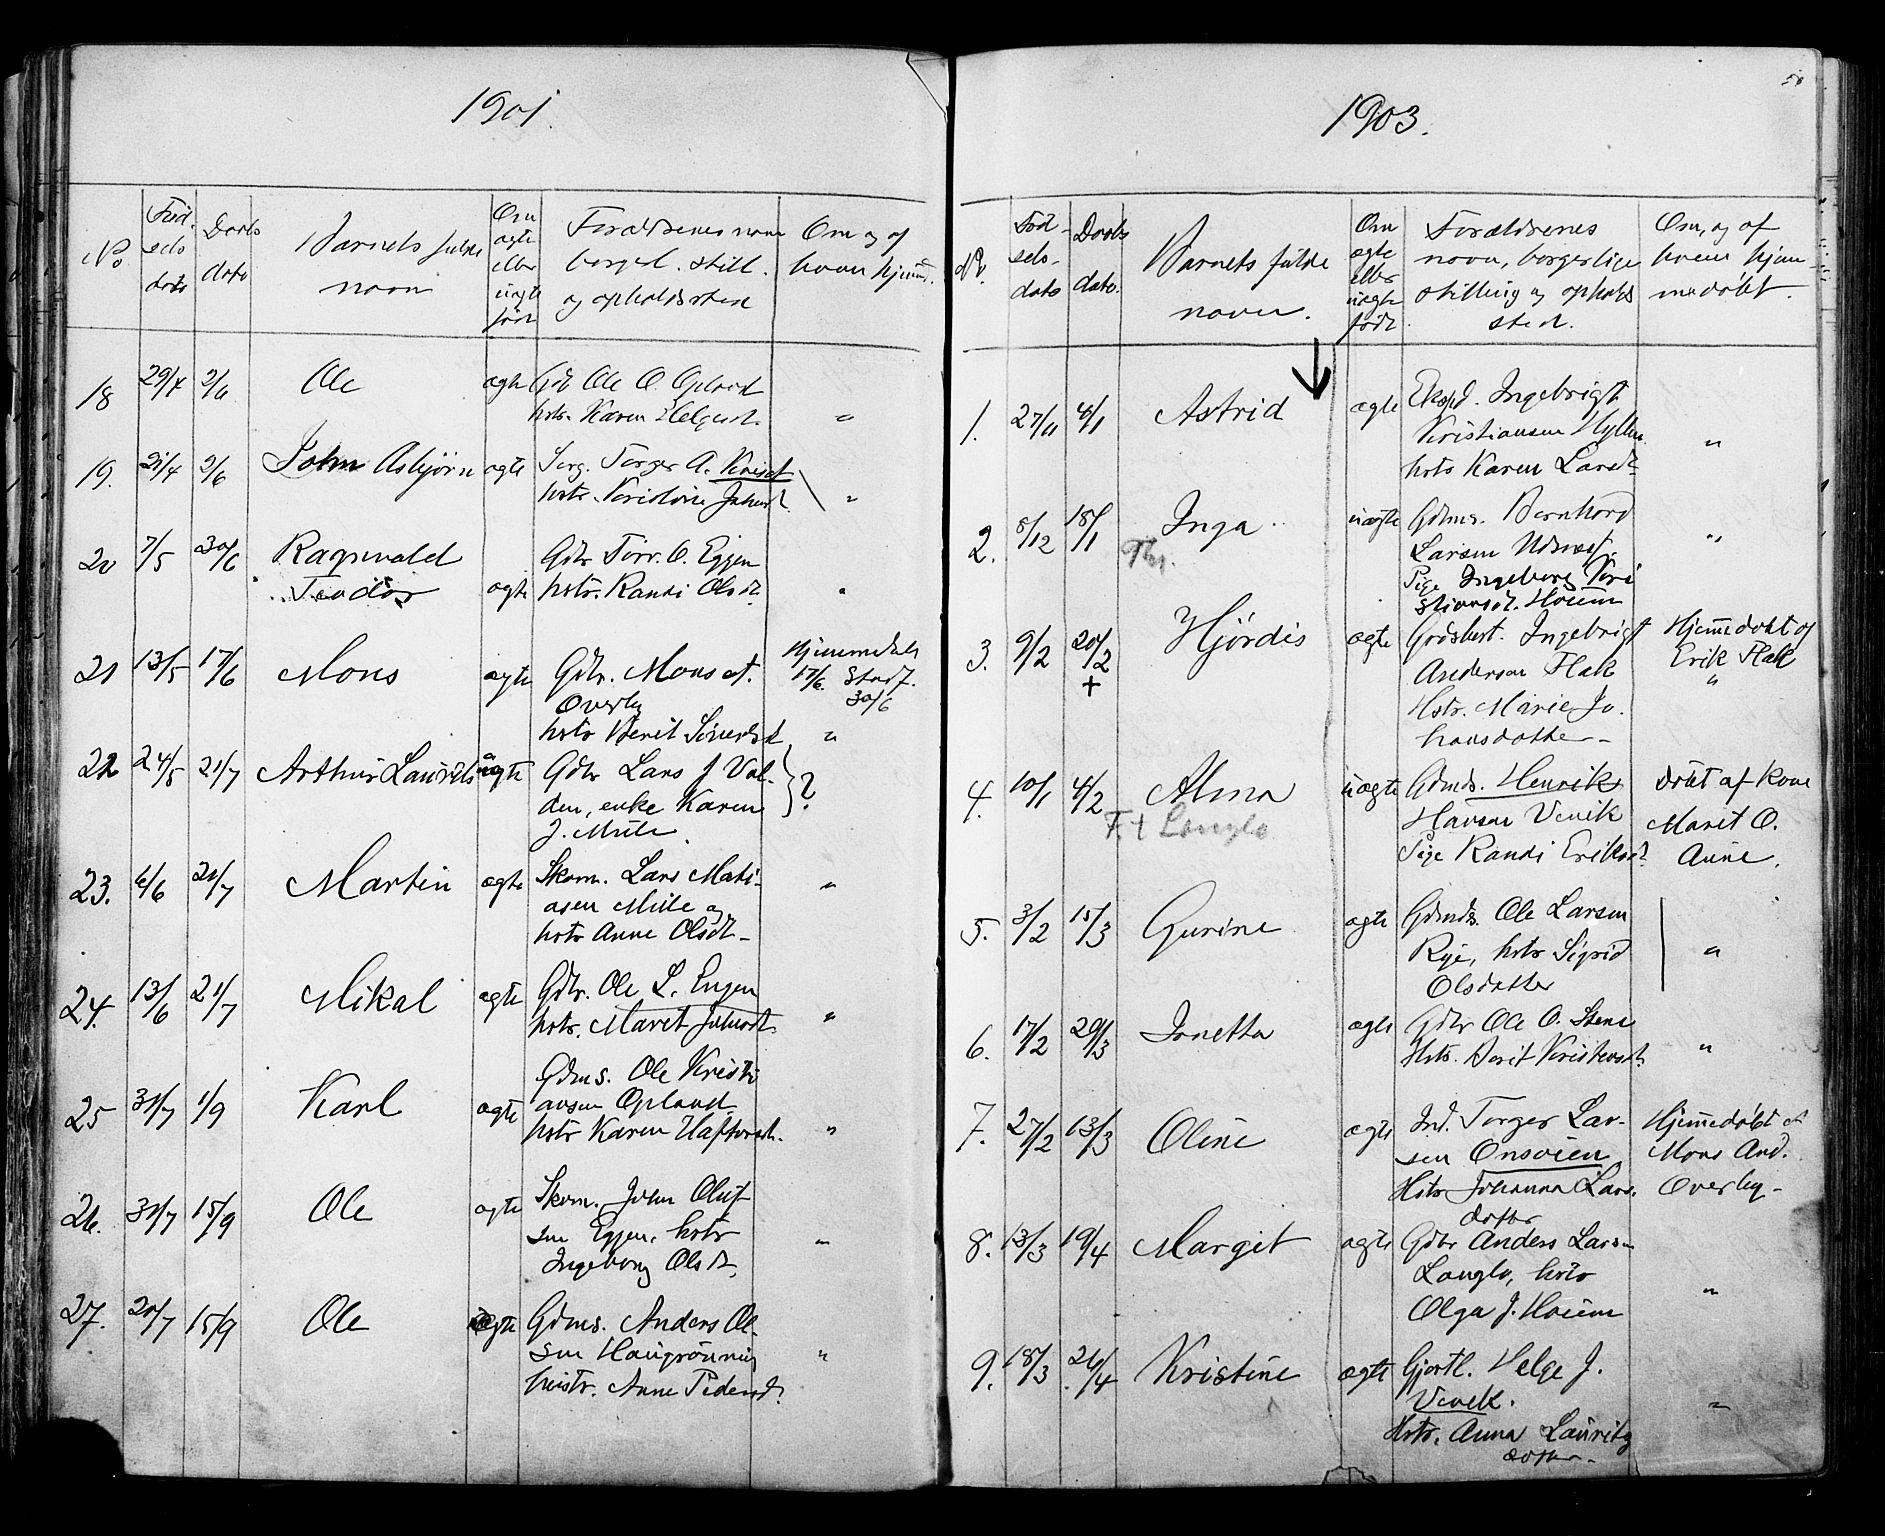 SAT, Ministerialprotokoller, klokkerbøker og fødselsregistre - Sør-Trøndelag, 612/L0387: Klokkerbok nr. 612C03, 1874-1908, s. 56